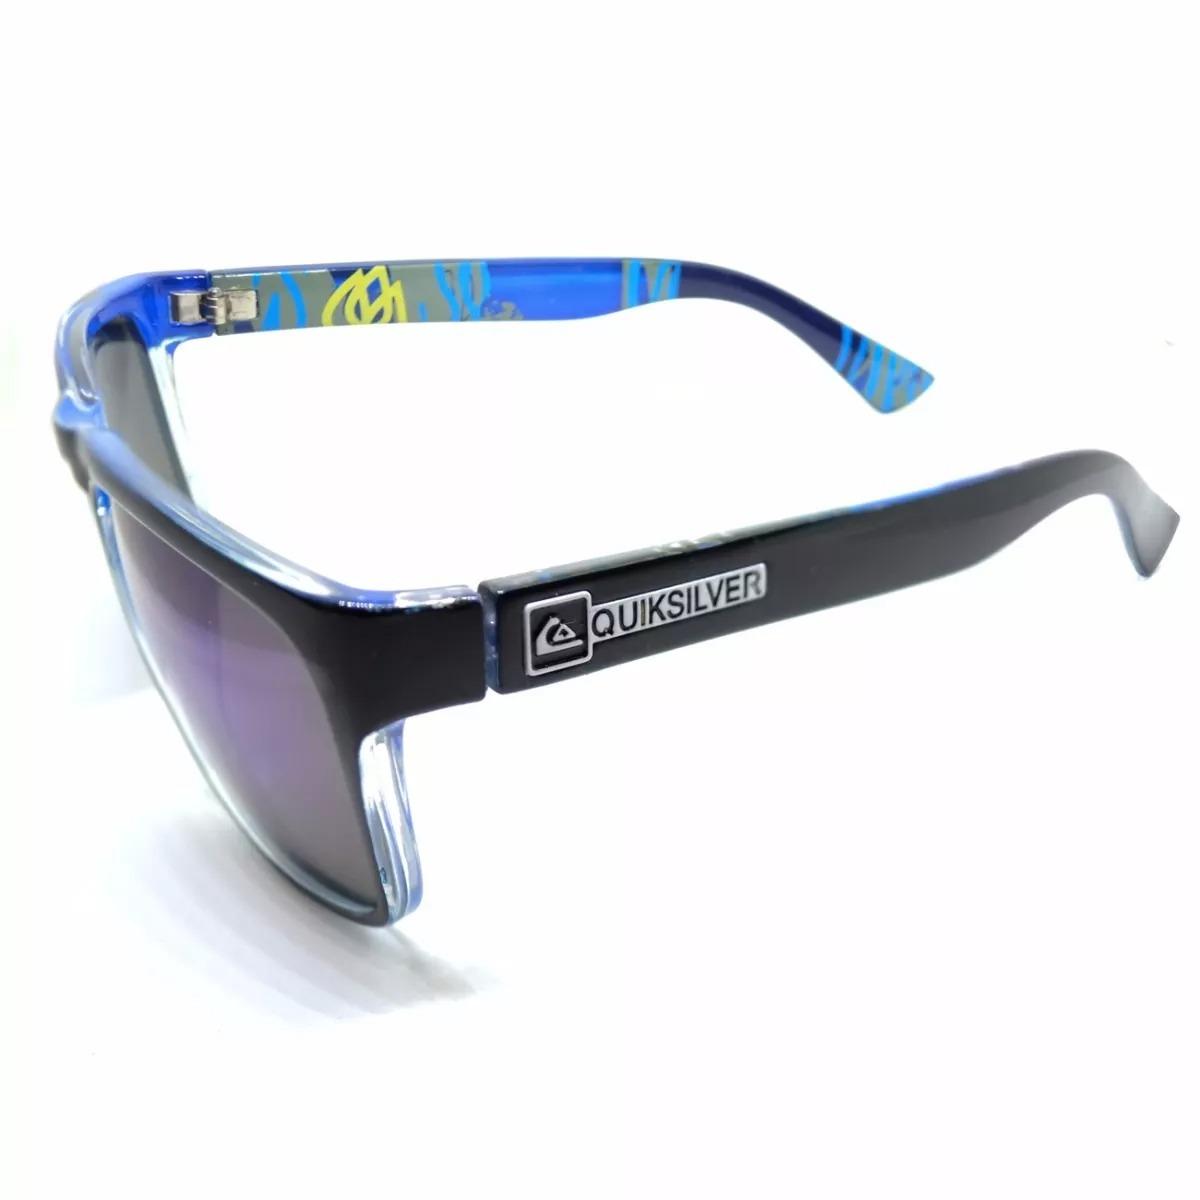 3292c62d6e6ea Óculos Quiksilver De Sol The Ferris Masculino Proteção Uv400 - R ...